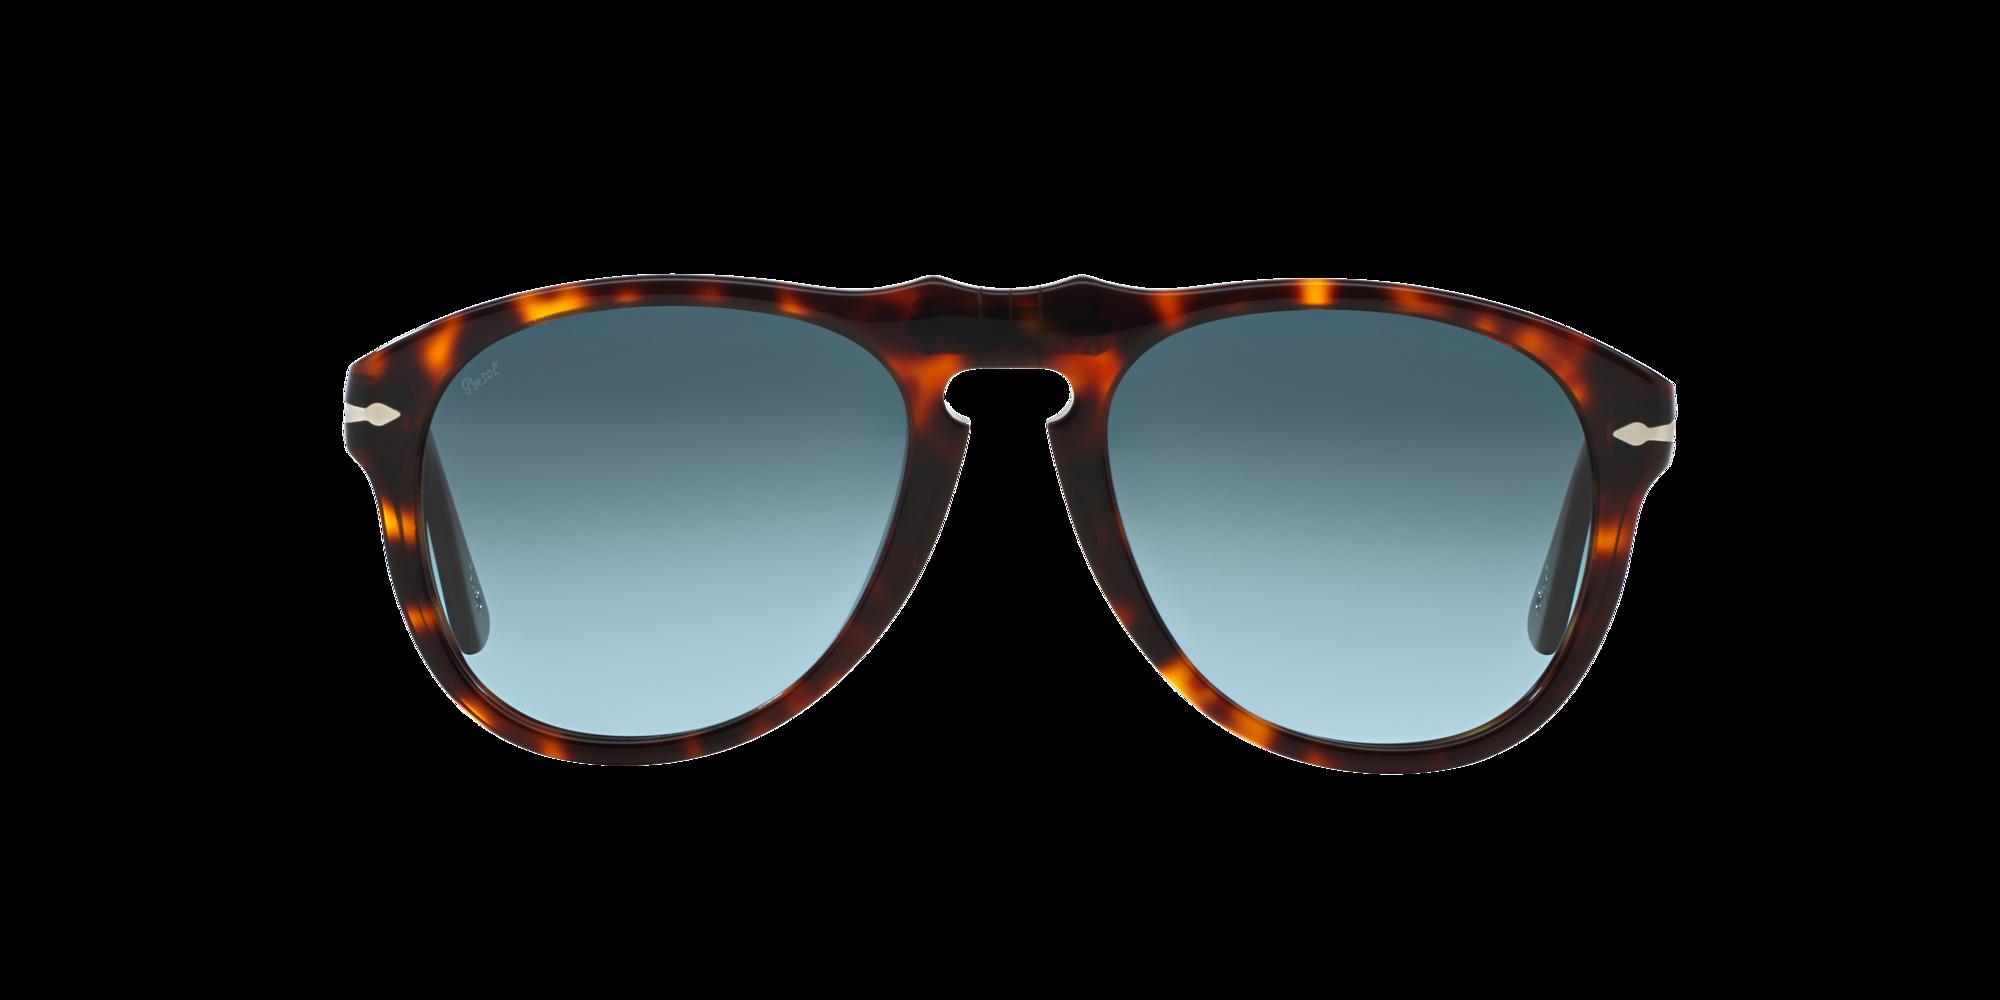 Imagen para PO064952 de LensCrafters |  Espejuelos, espejuelos graduados en línea, gafas